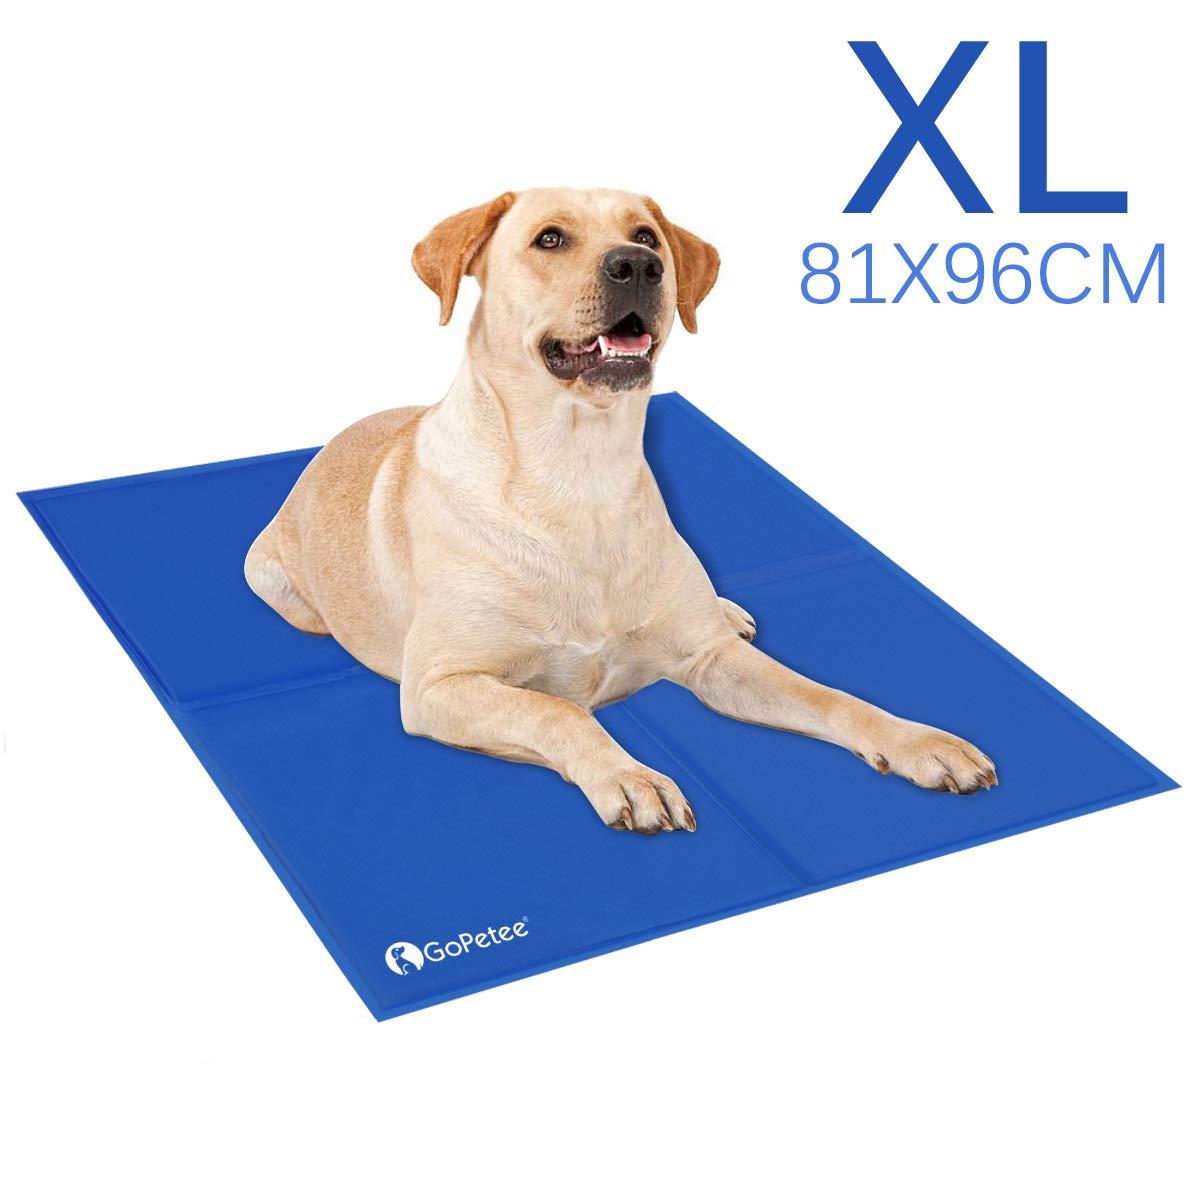 GoPetee Alfombrilla de Refrigeración para Mascotas Cama de Perro y Gato para Verano Animales Manta de Dormir Fresco Cojín (XL 96 x 81 cm, Azul)